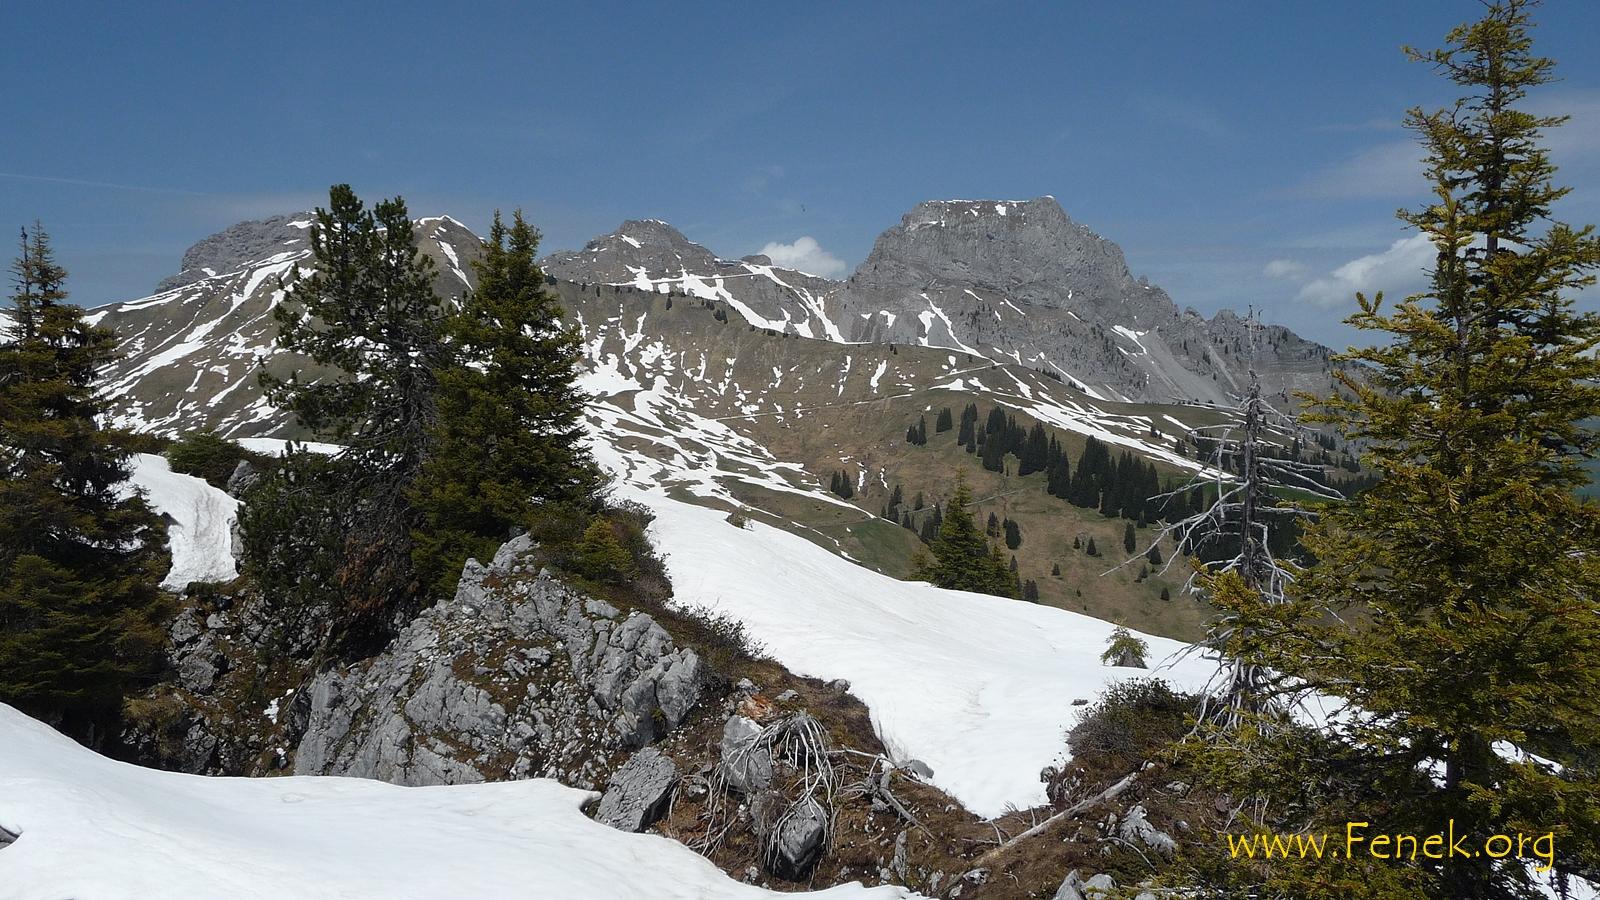 rechts le Rubli - ein interessanter Berg mit Edelweiss auf dem Gipfel ;-)